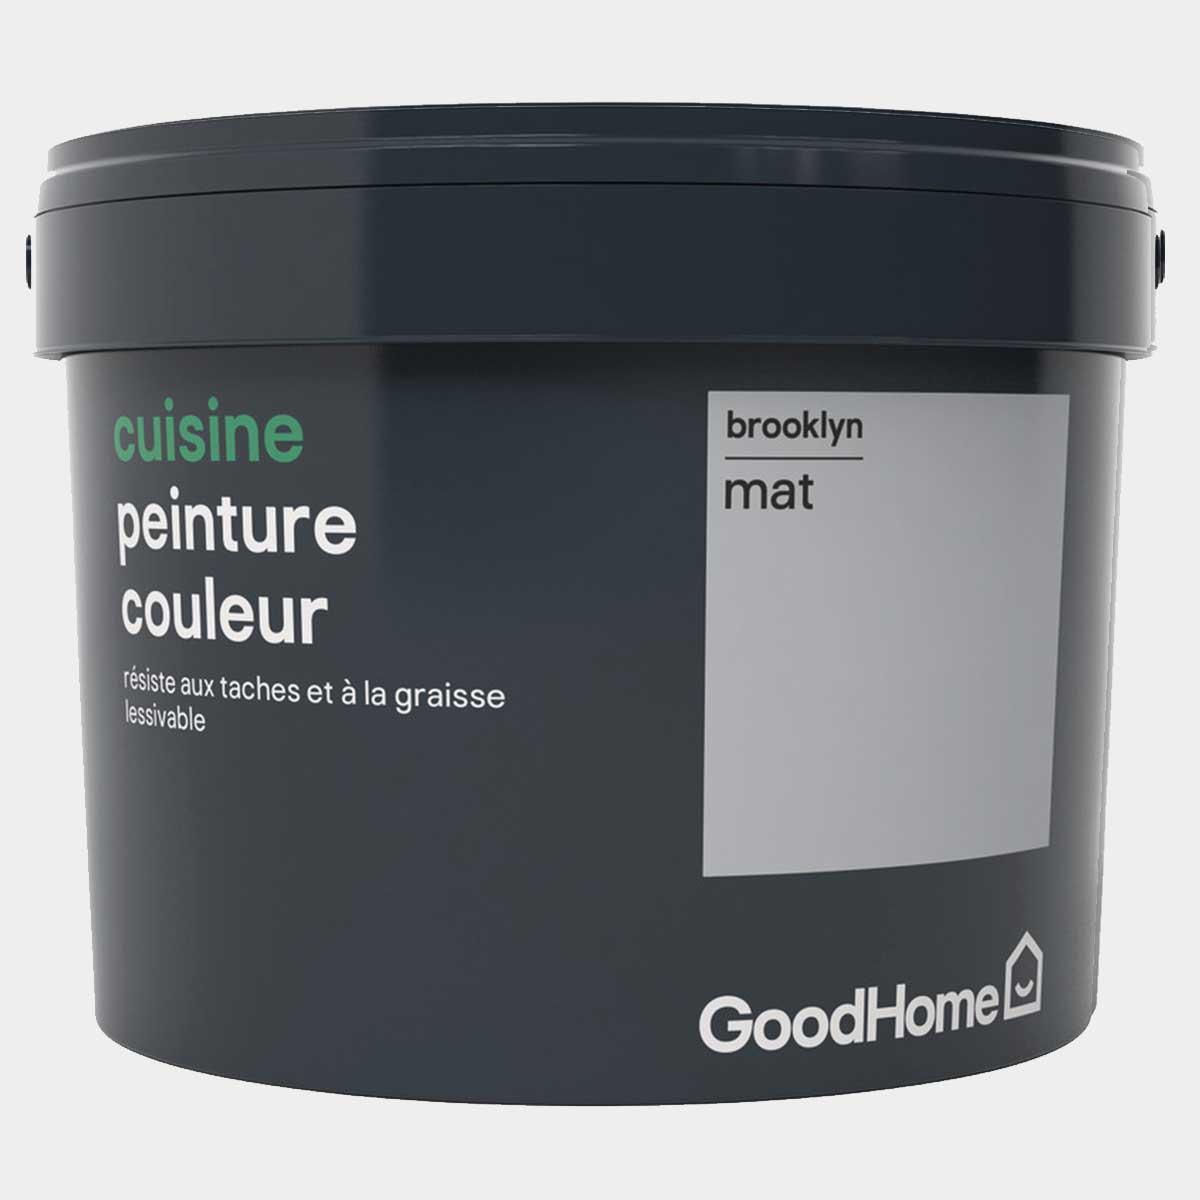 Peinture salle de bains acrylique satin gris Brooklyn 2,5 l